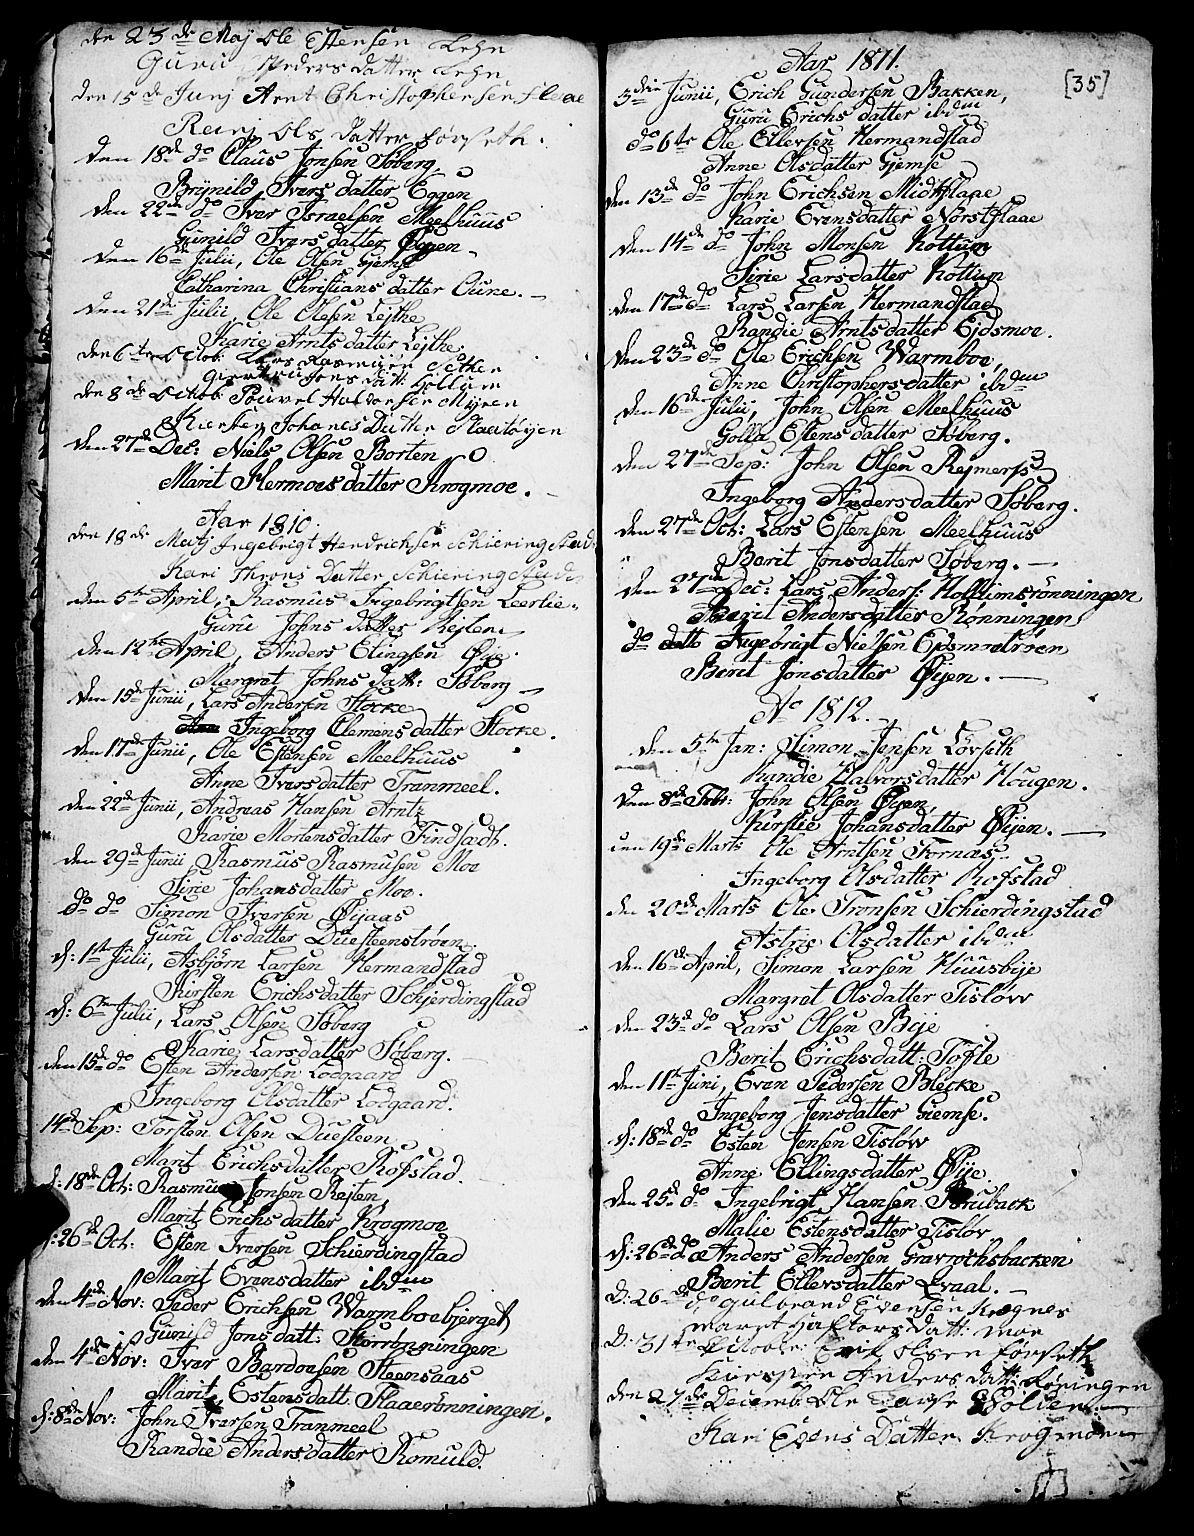 SAT, Ministerialprotokoller, klokkerbøker og fødselsregistre - Sør-Trøndelag, 691/L1091: Klokkerbok nr. 691C02, 1802-1815, s. 35